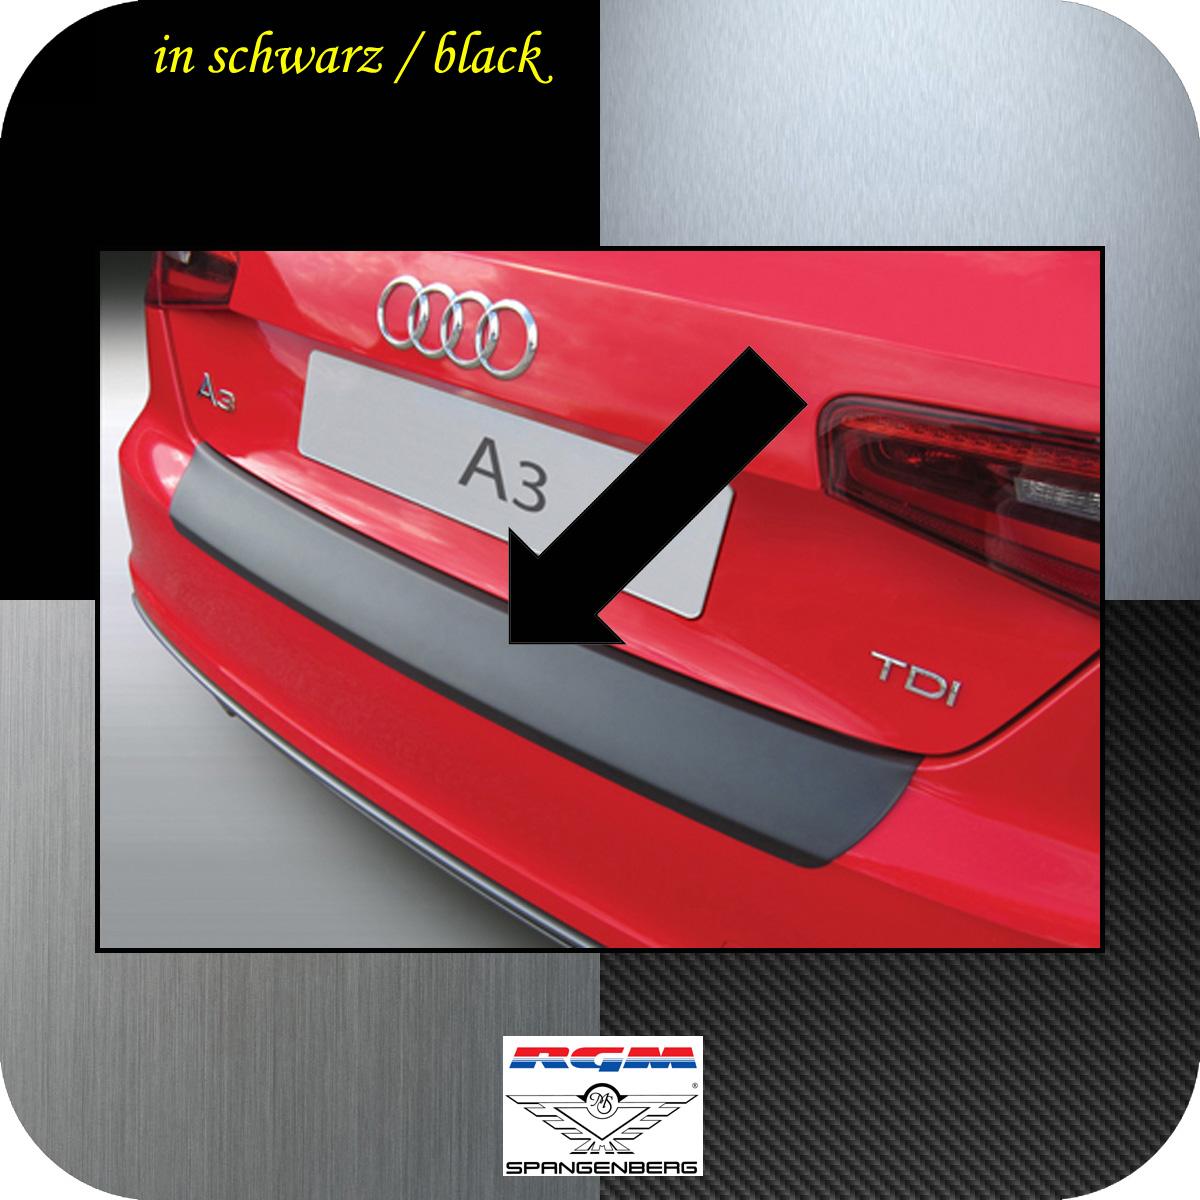 Ladekantenschutz schwarz Audi A3 auch S3 Schrägheck 3-Türer 2012-2017 3500899